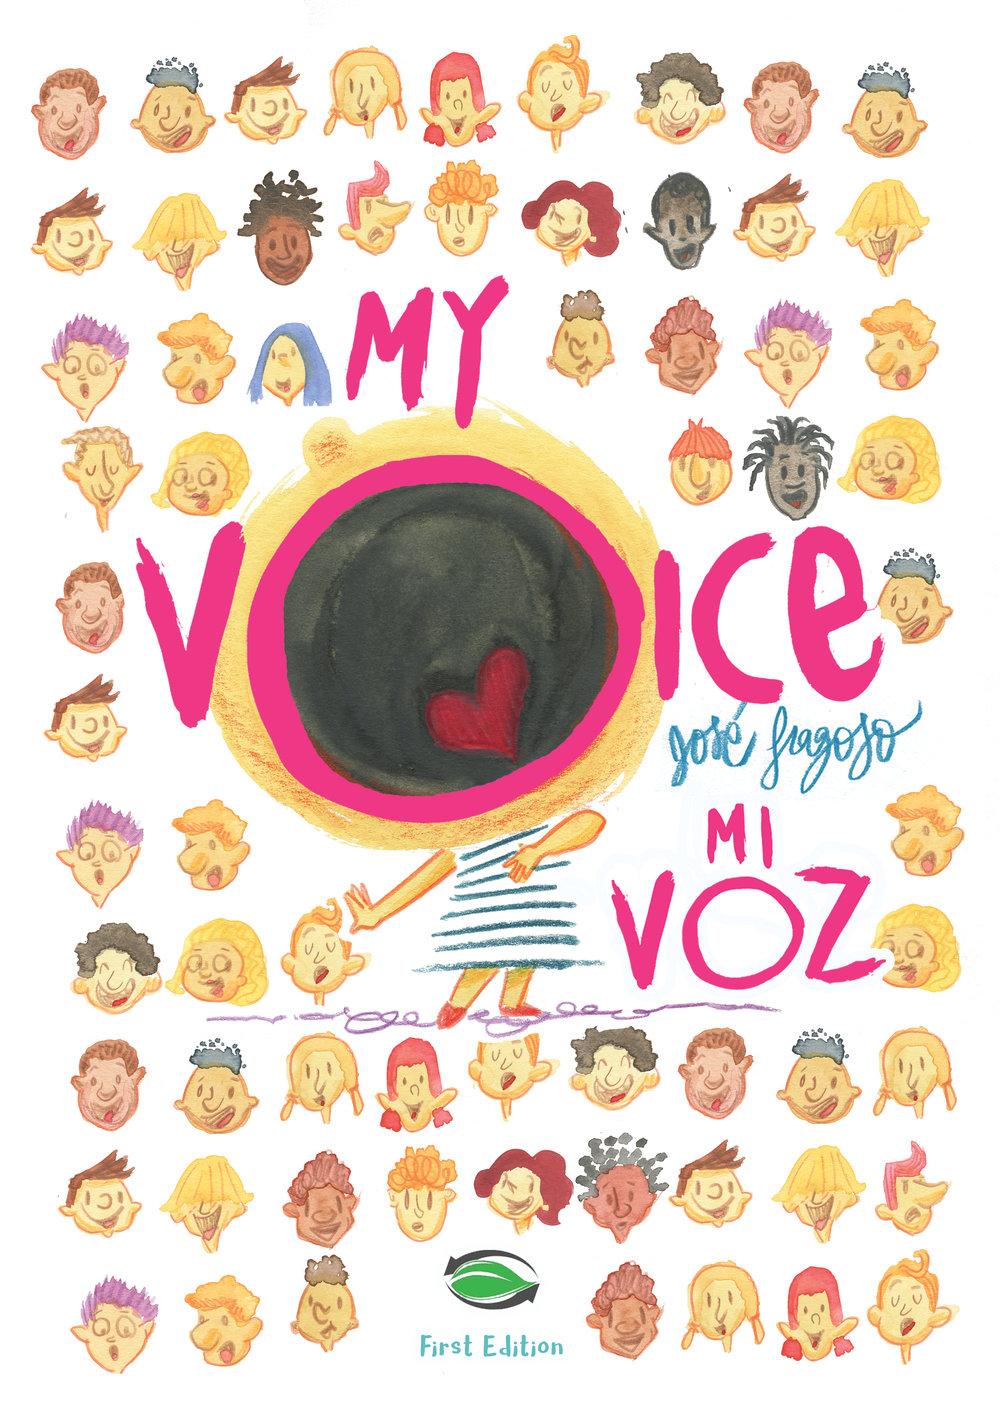 myvoice_josefragoso_cover.jpg